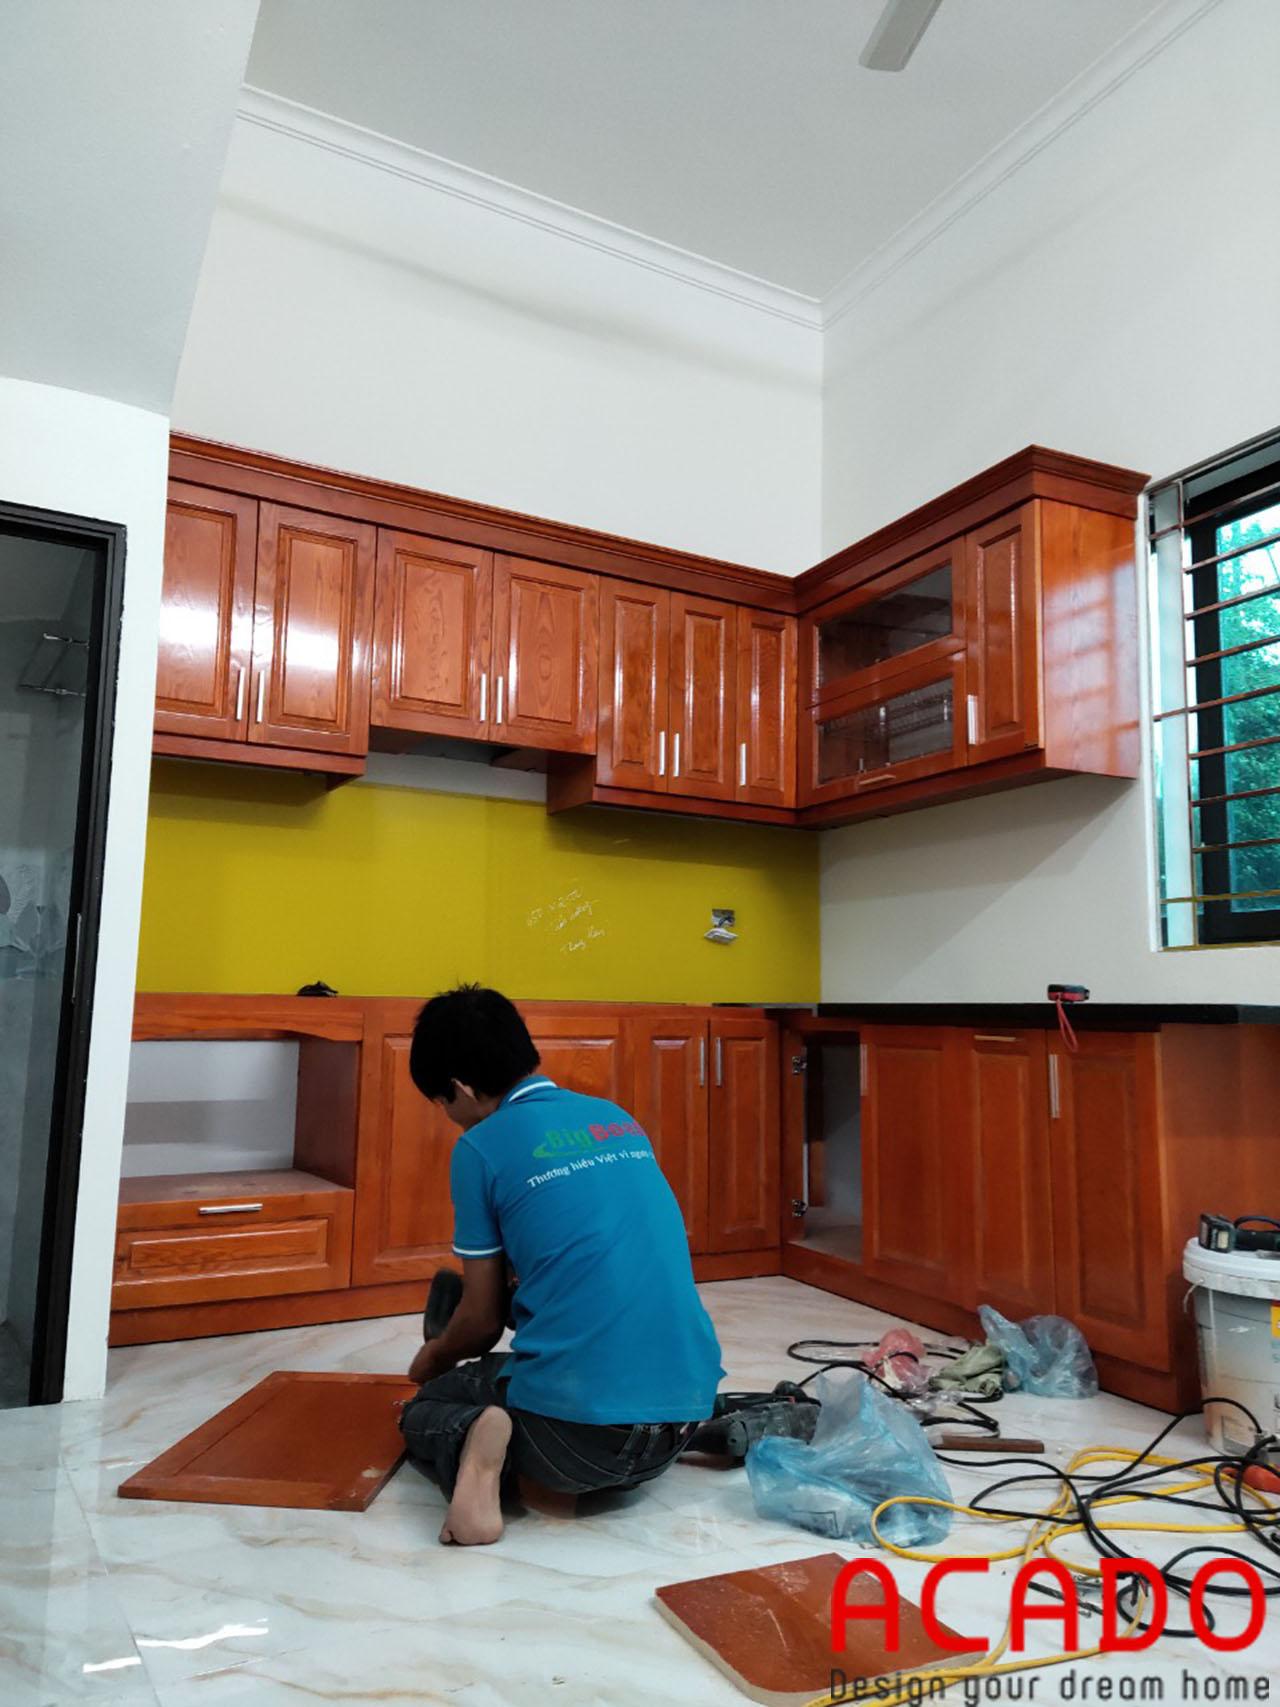 Thợ thi công nội thất ACADO thưc hiện quá trình lắp đặt tủ bếp cho gia đình em trai chị Nhung